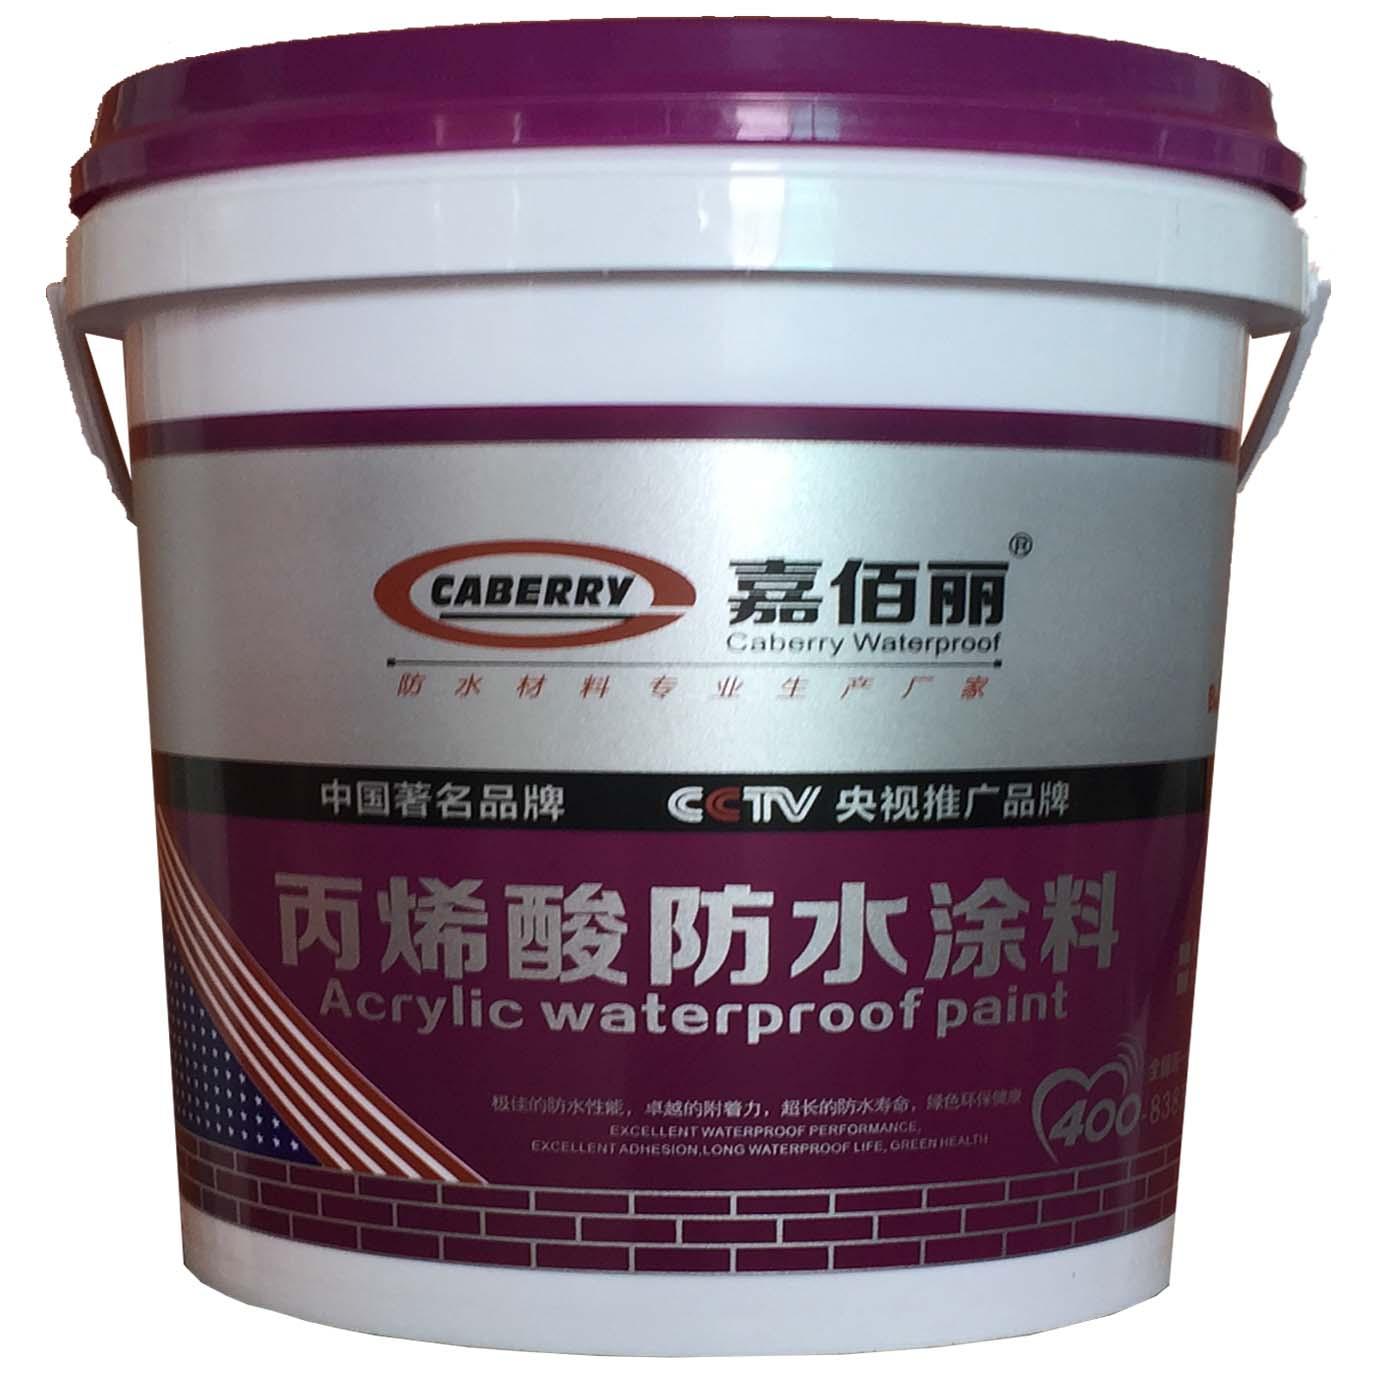 点击查看屋面防水材料哪种好?天面爆裂用哪种防水涂料详细说明